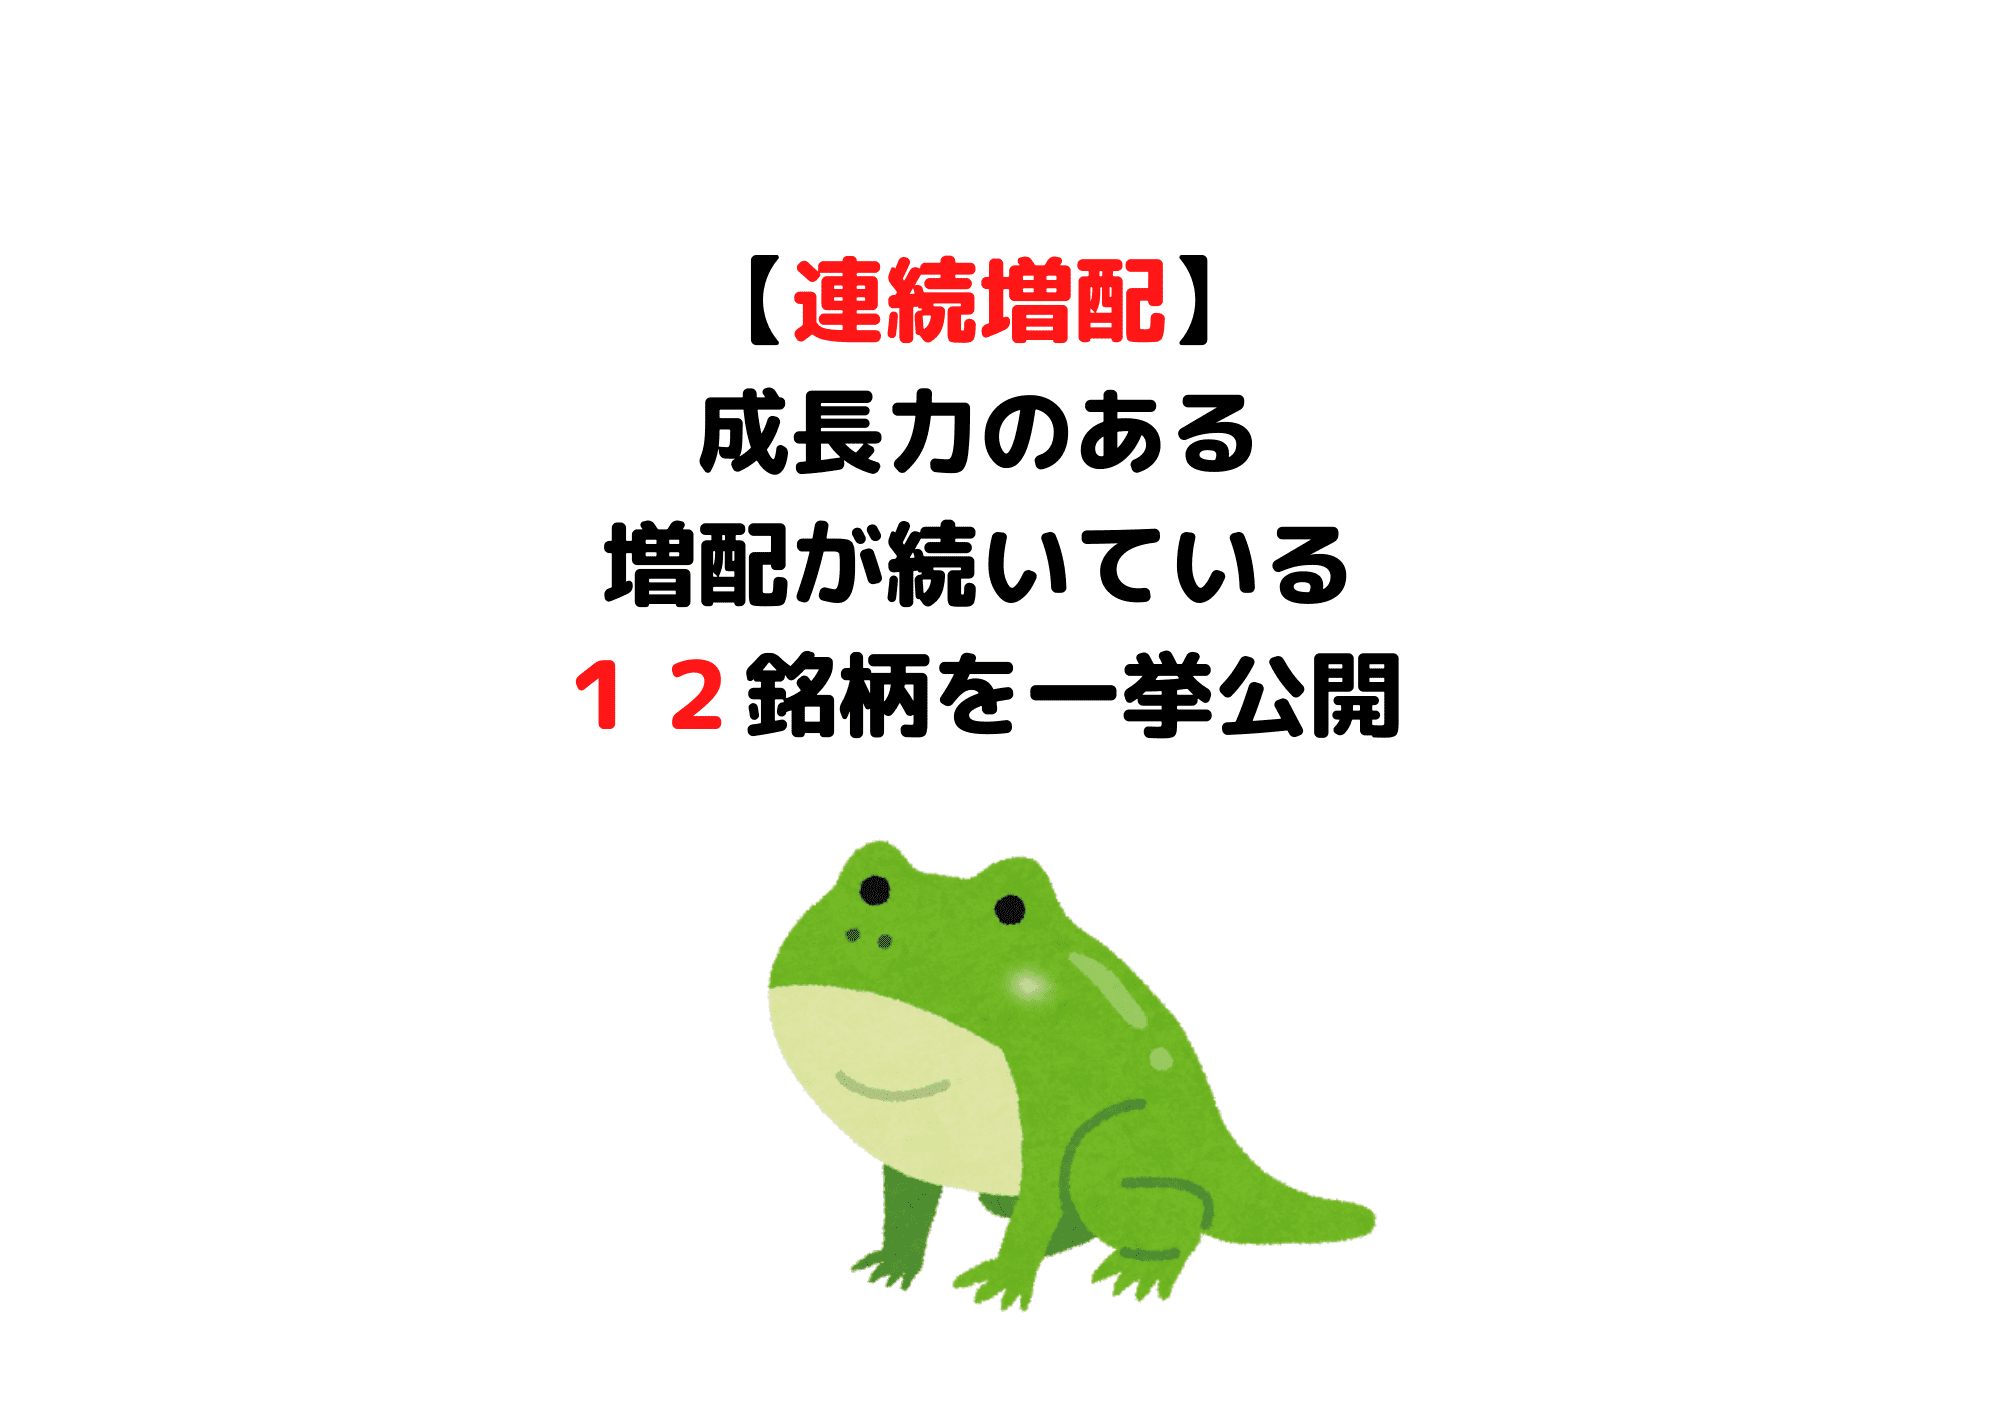 四季報 増配銘柄 (1)